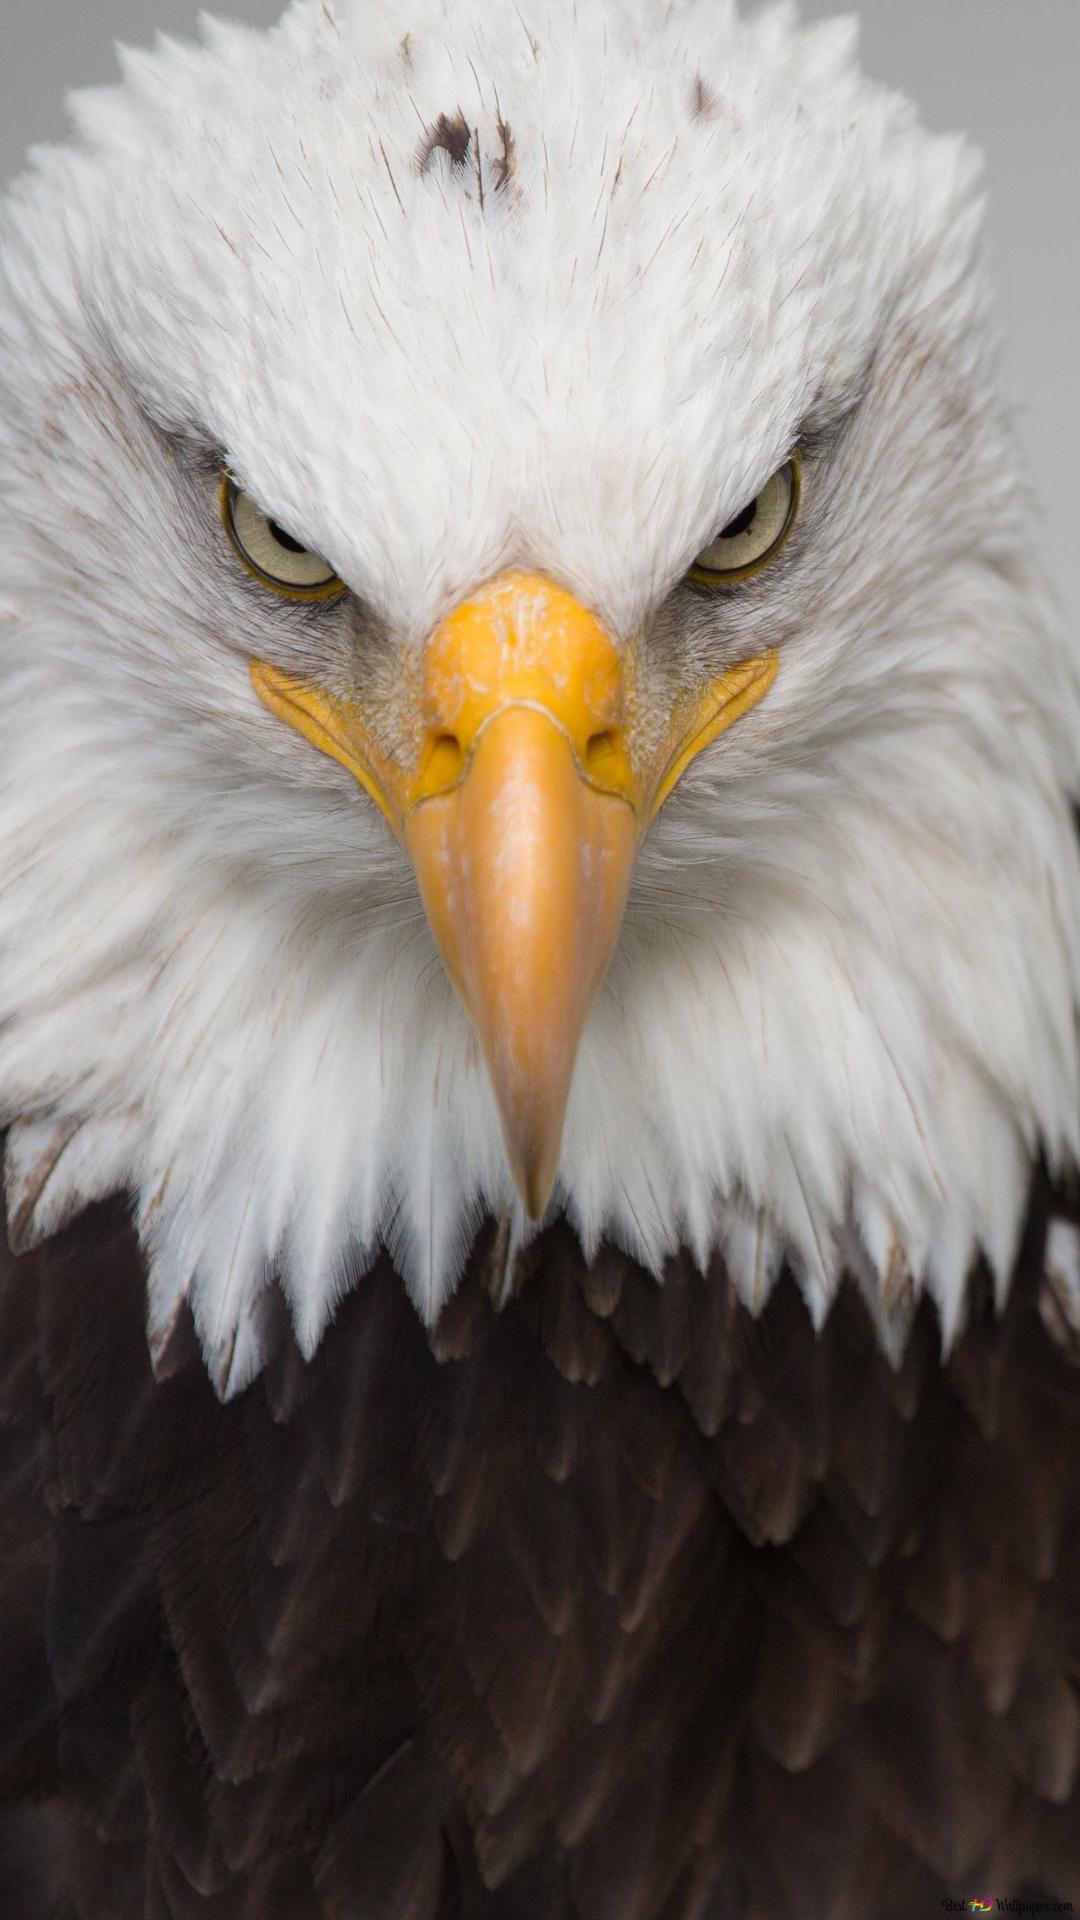 Fierce Look Bald Eagle Hd Wallpaper Download